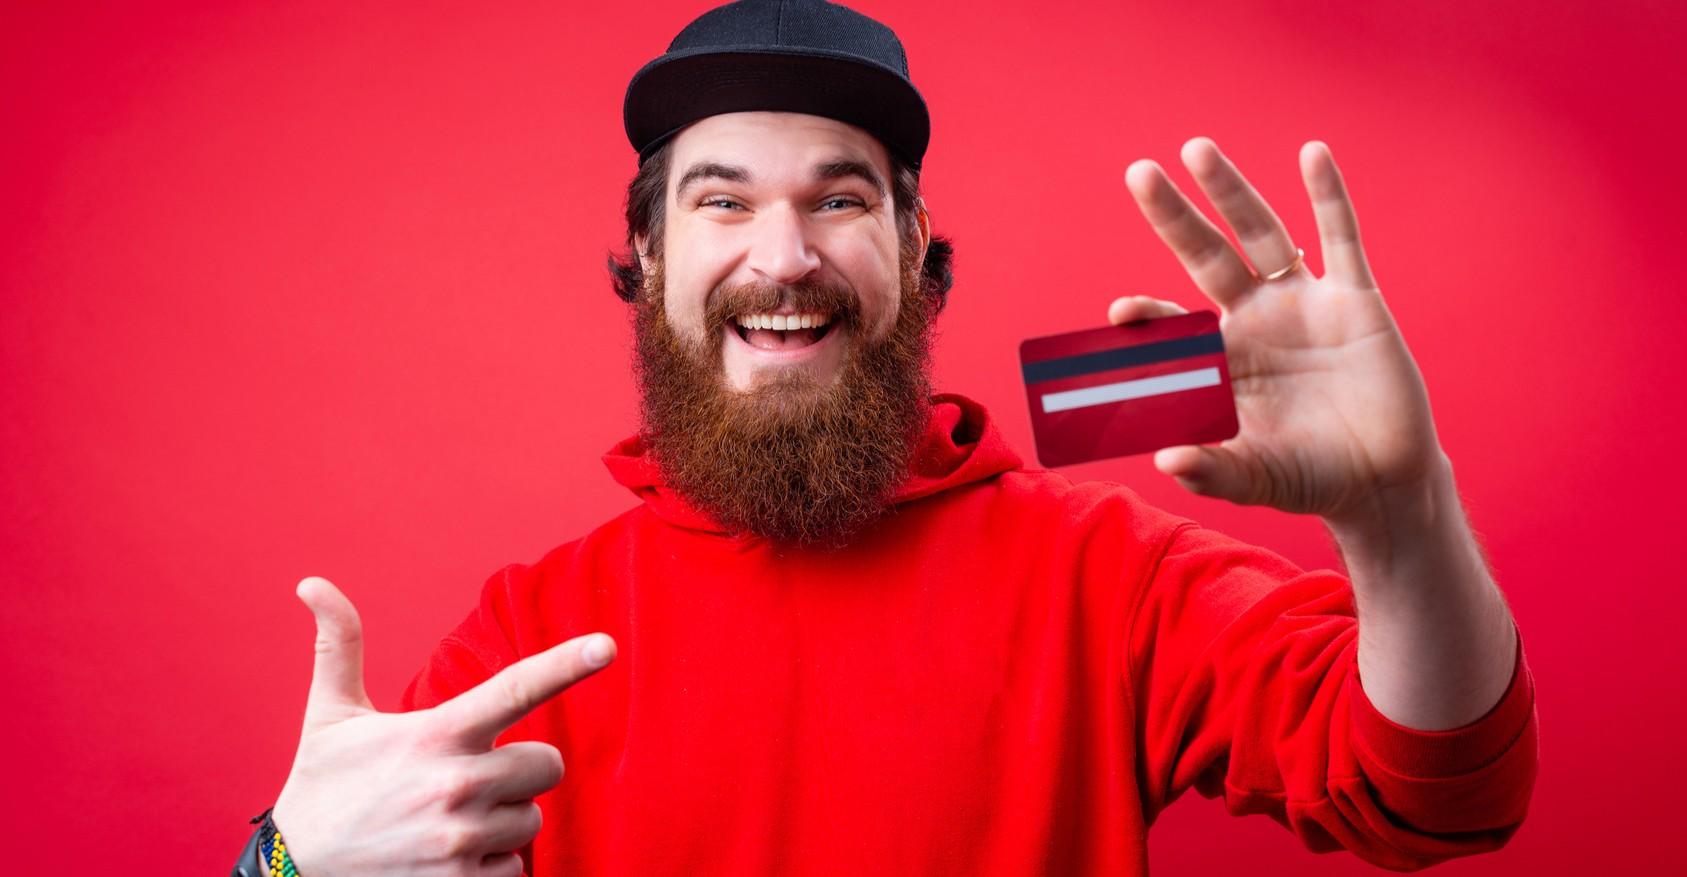 Nowoczesna bankowość dla studenta – czy to optymalne rozwiązanie